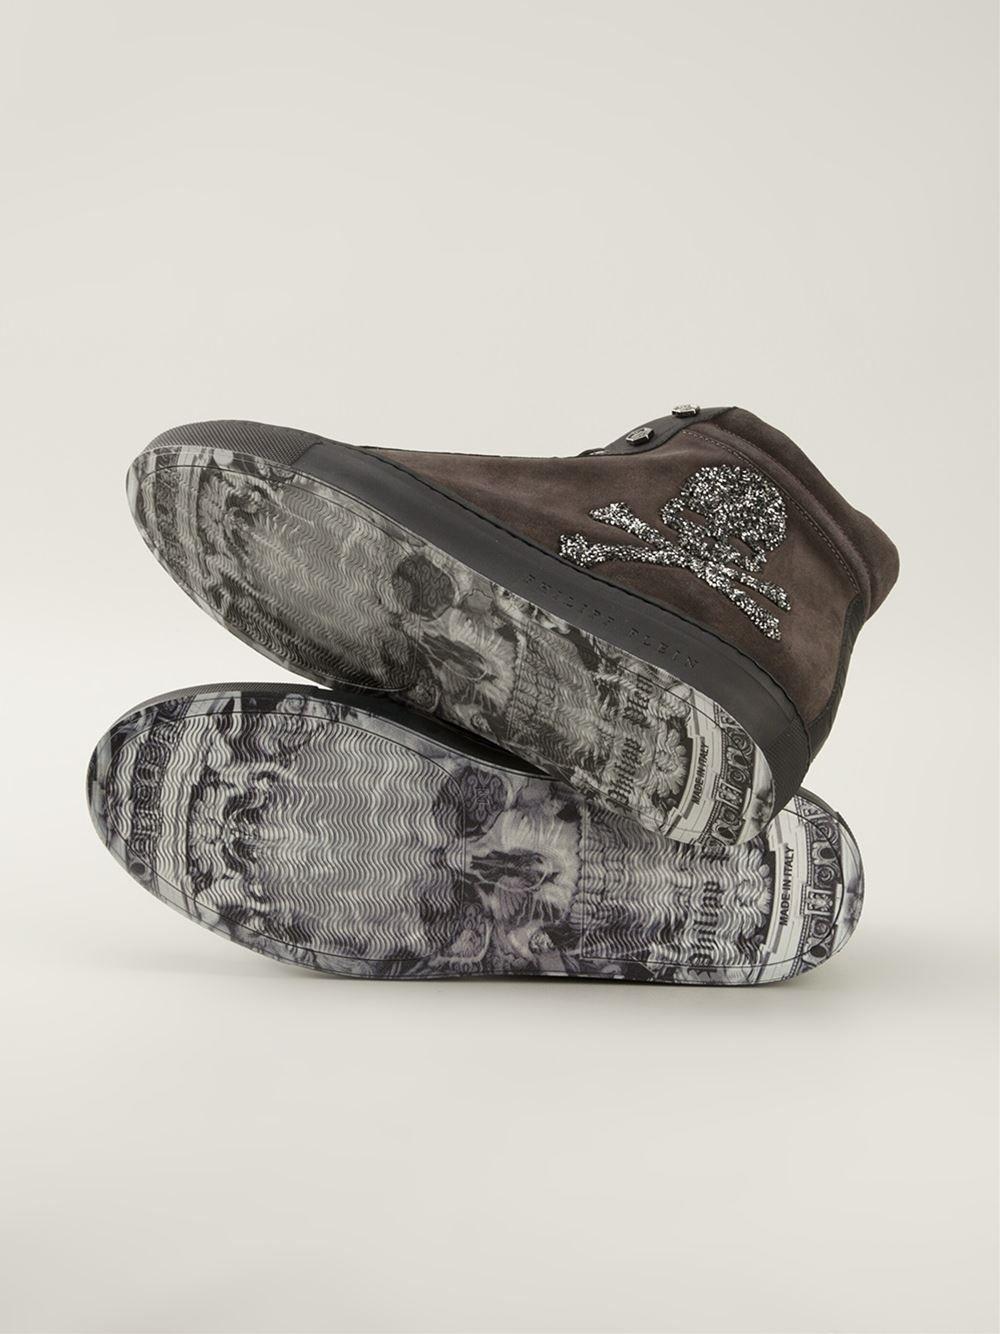 Brown sneakers lyst.com · TenisComprarZapatos Con CráneoCalaveras De AzúcarZapatos  ... 861524f6587